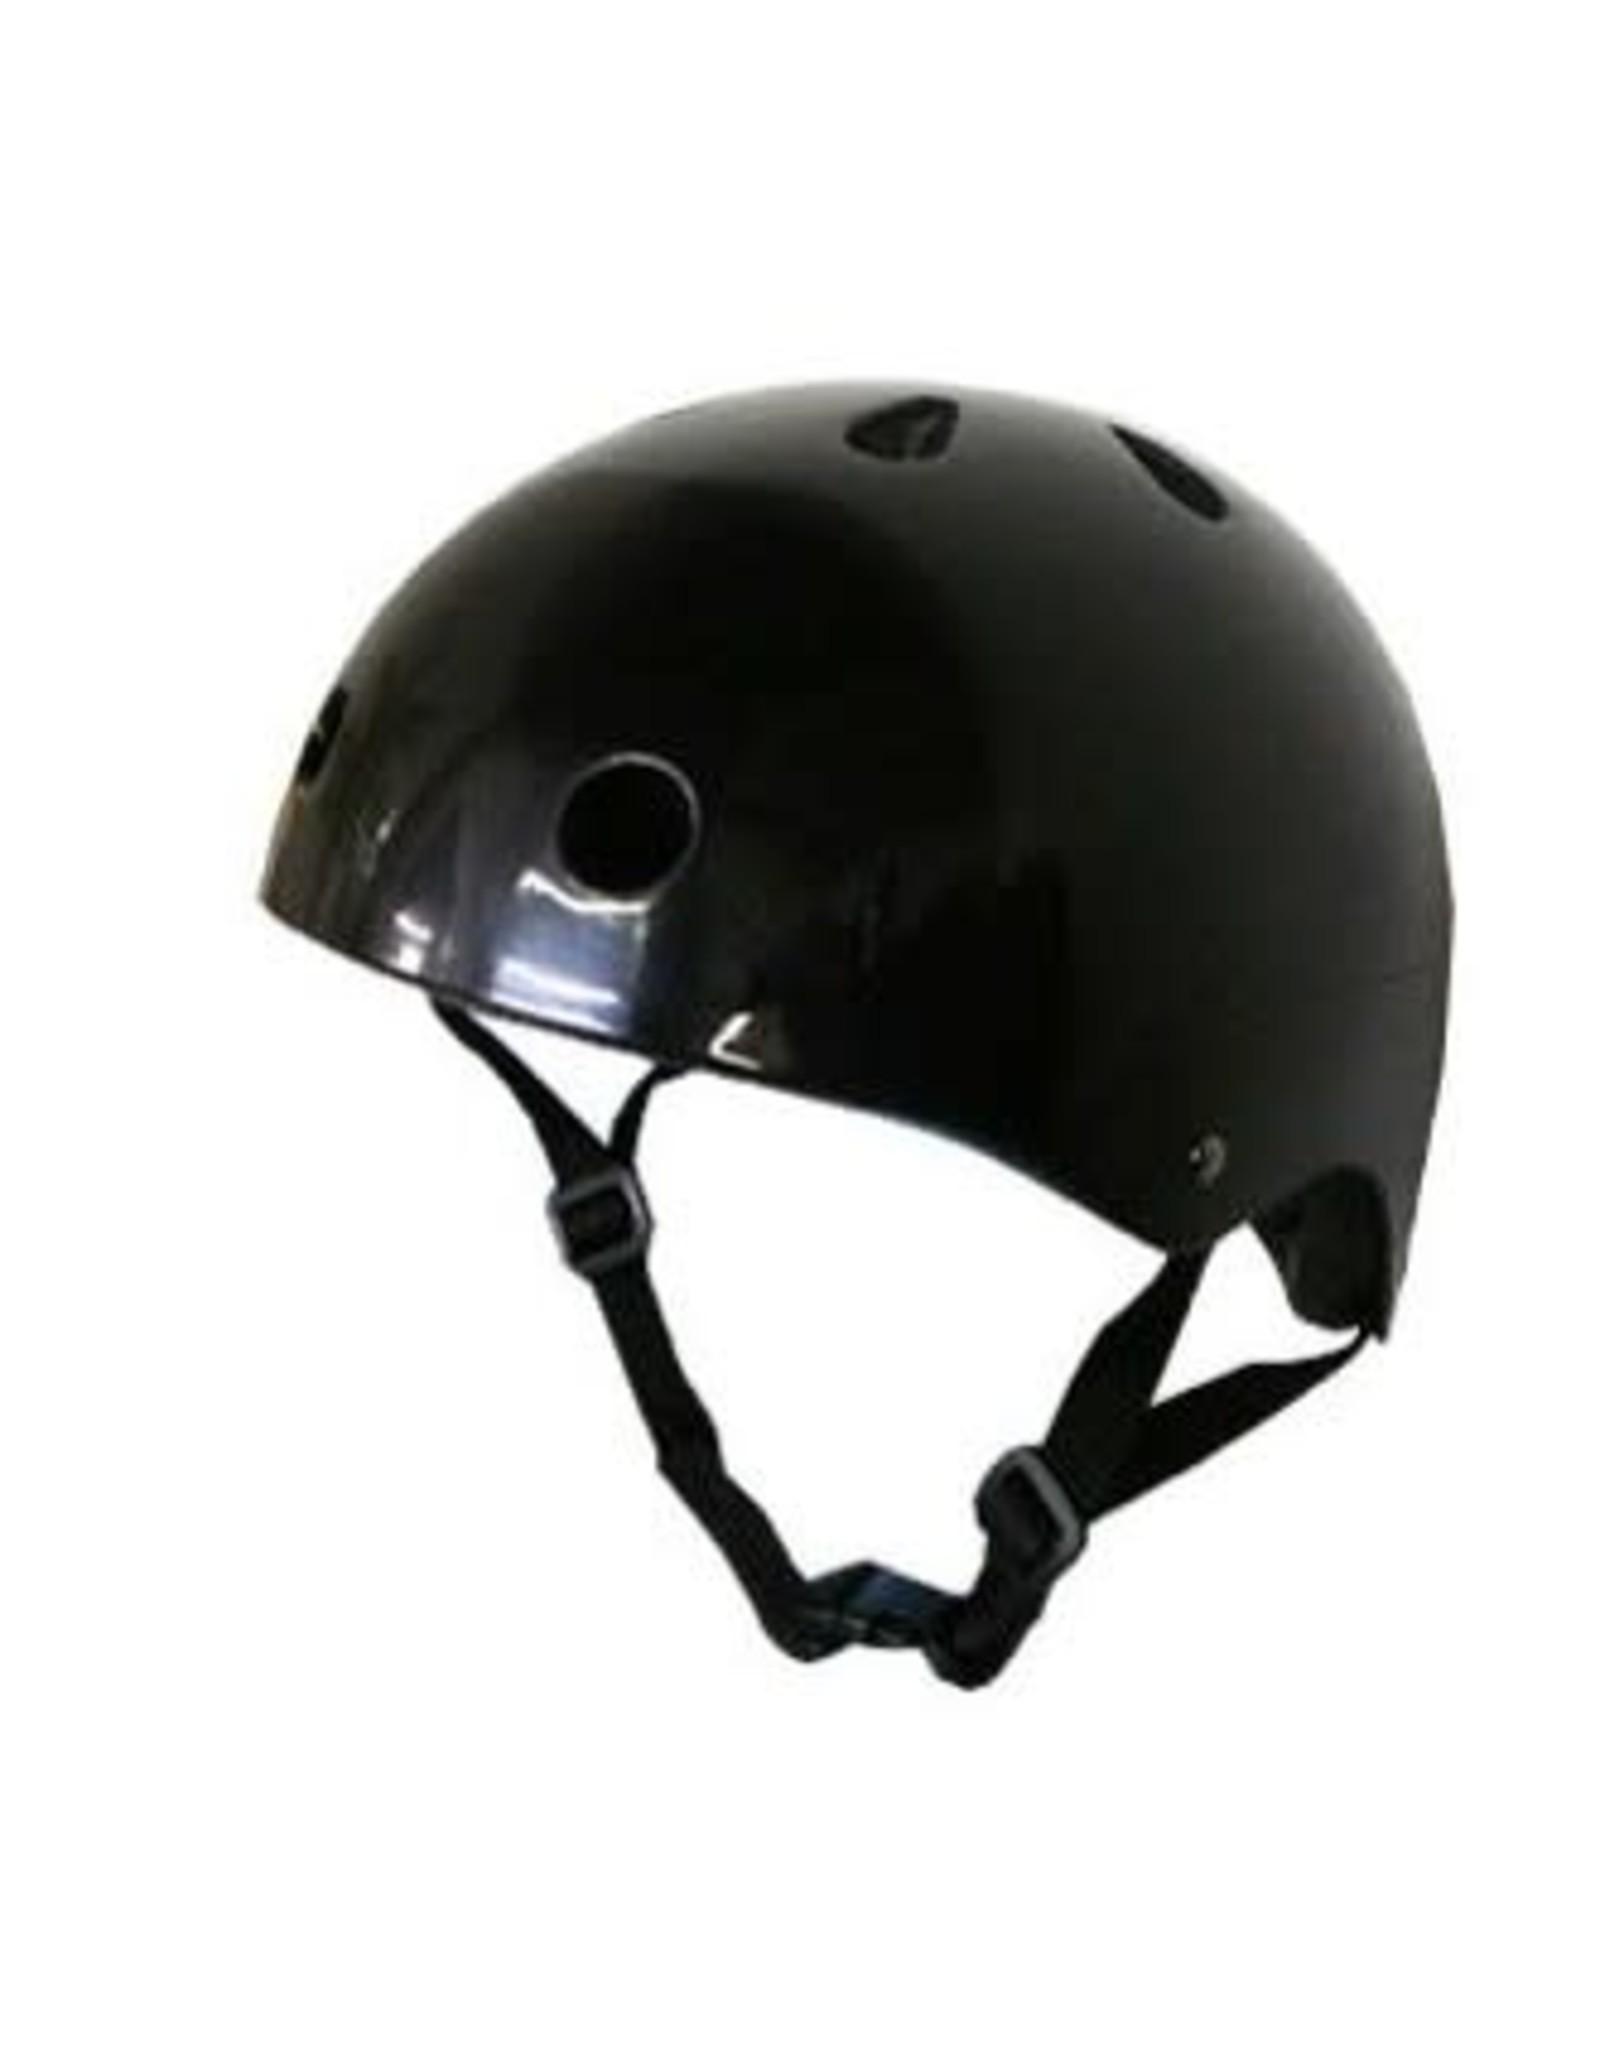 Helmets R Us Helmet - Medium Md